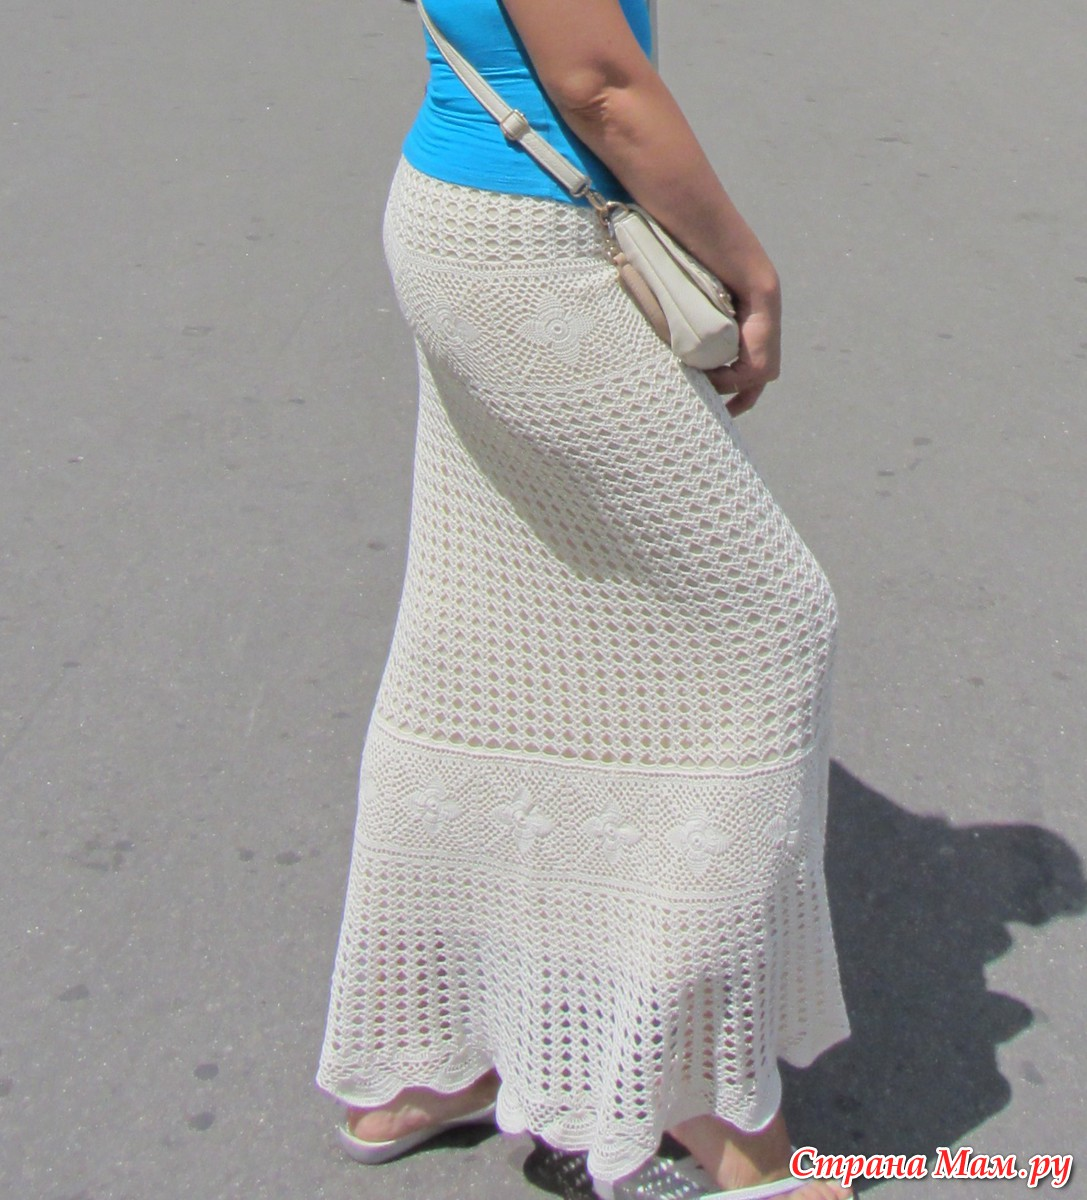 Вязание женской юбки крючком